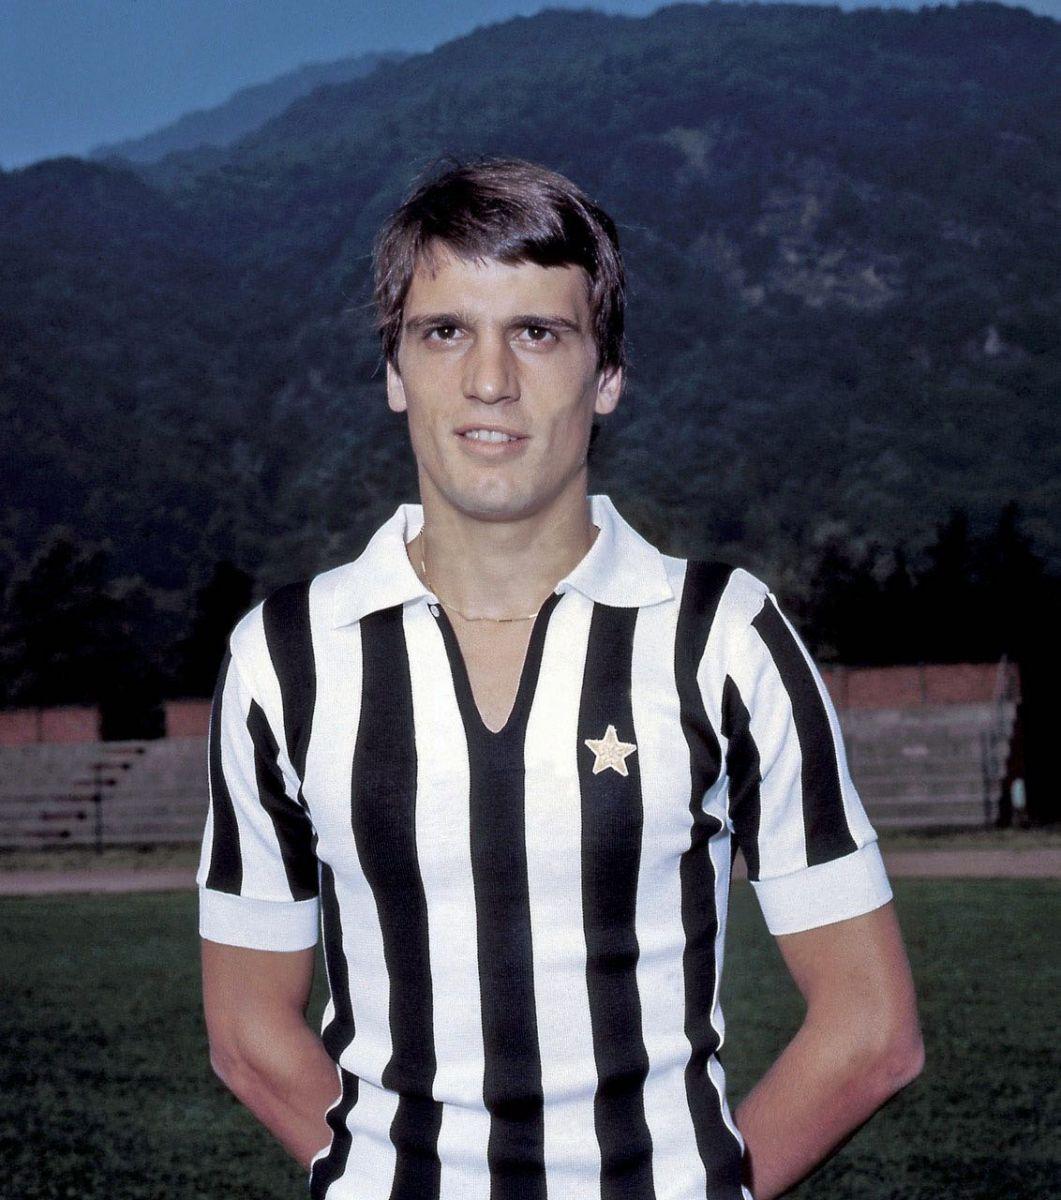 Marco Tardelli – Schizzo Un nomignolo romanesco quello che Luciano Spinosi aveva dato a Tardelli, bandiera bianconera, poiché era abbastanza magro. Fonte: Wikipedia